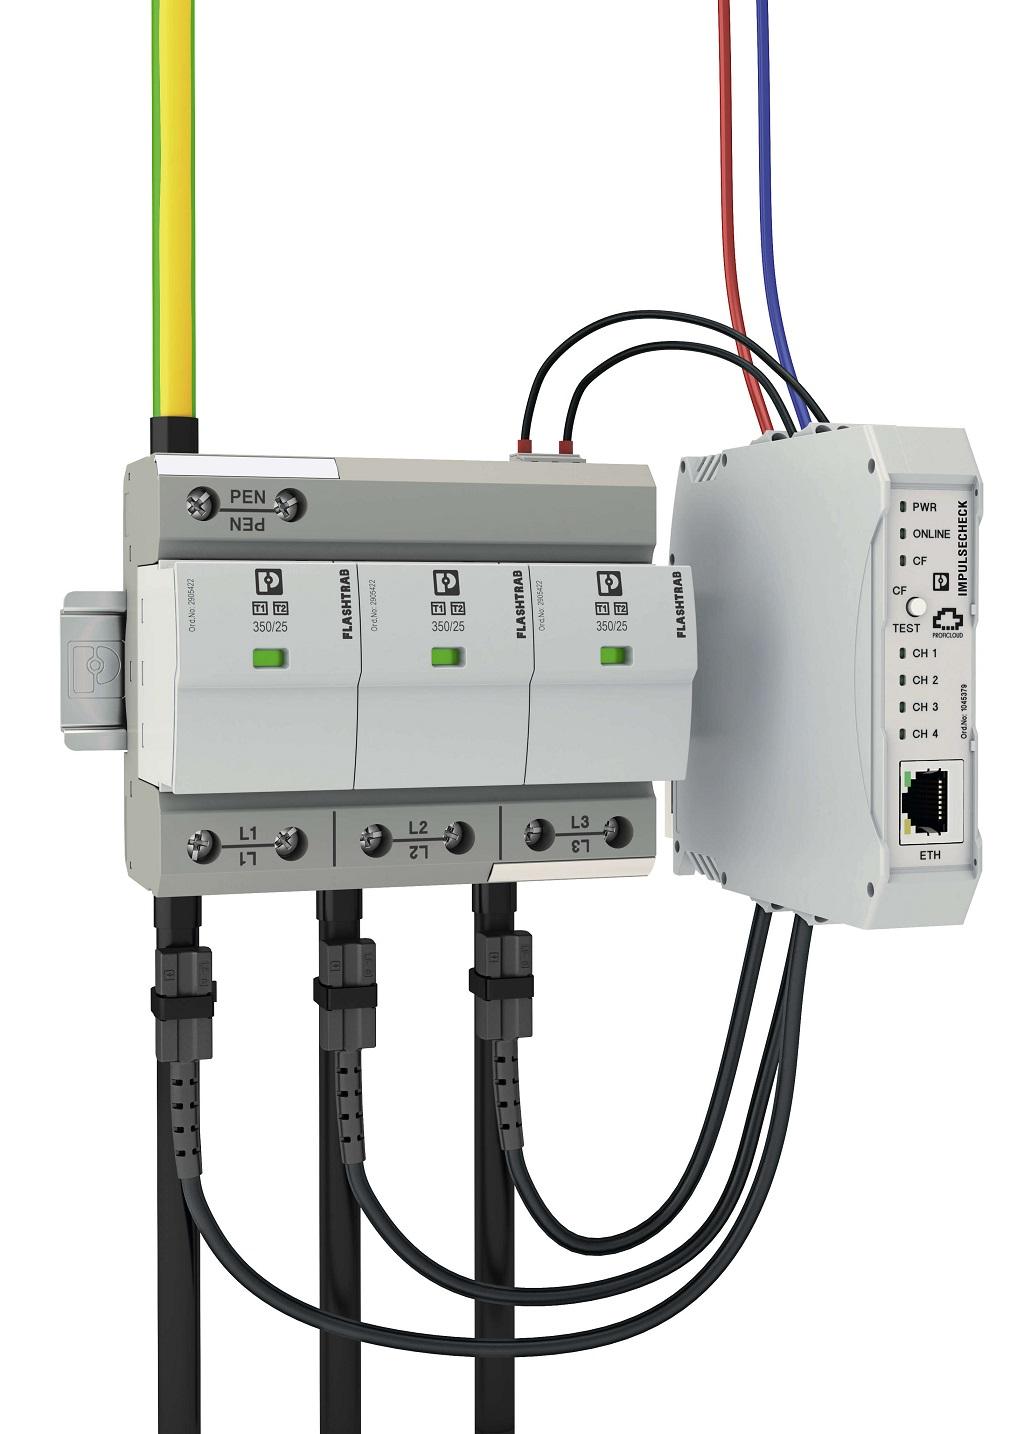 Centralny moduł ImpulseCheck wpięty w instalację w trakcie pozyskiwania sygnałów pomiarowych z czujników i monitorowania styku sygnalizacji zdalnej ogranicznika.